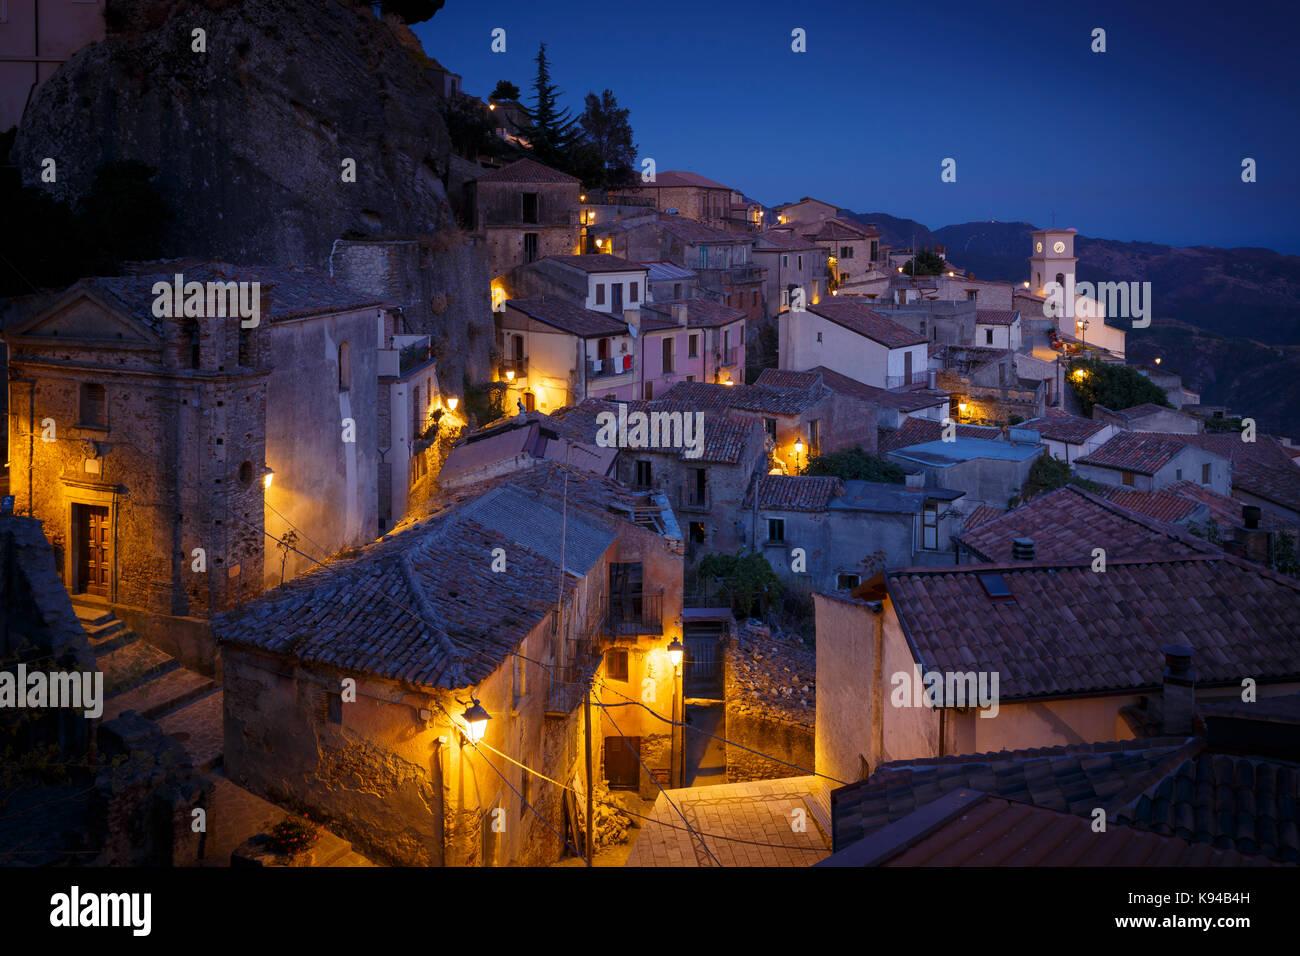 Townscape of Bova, Reggio Calabria, Calabria, Italy. - Stock Image